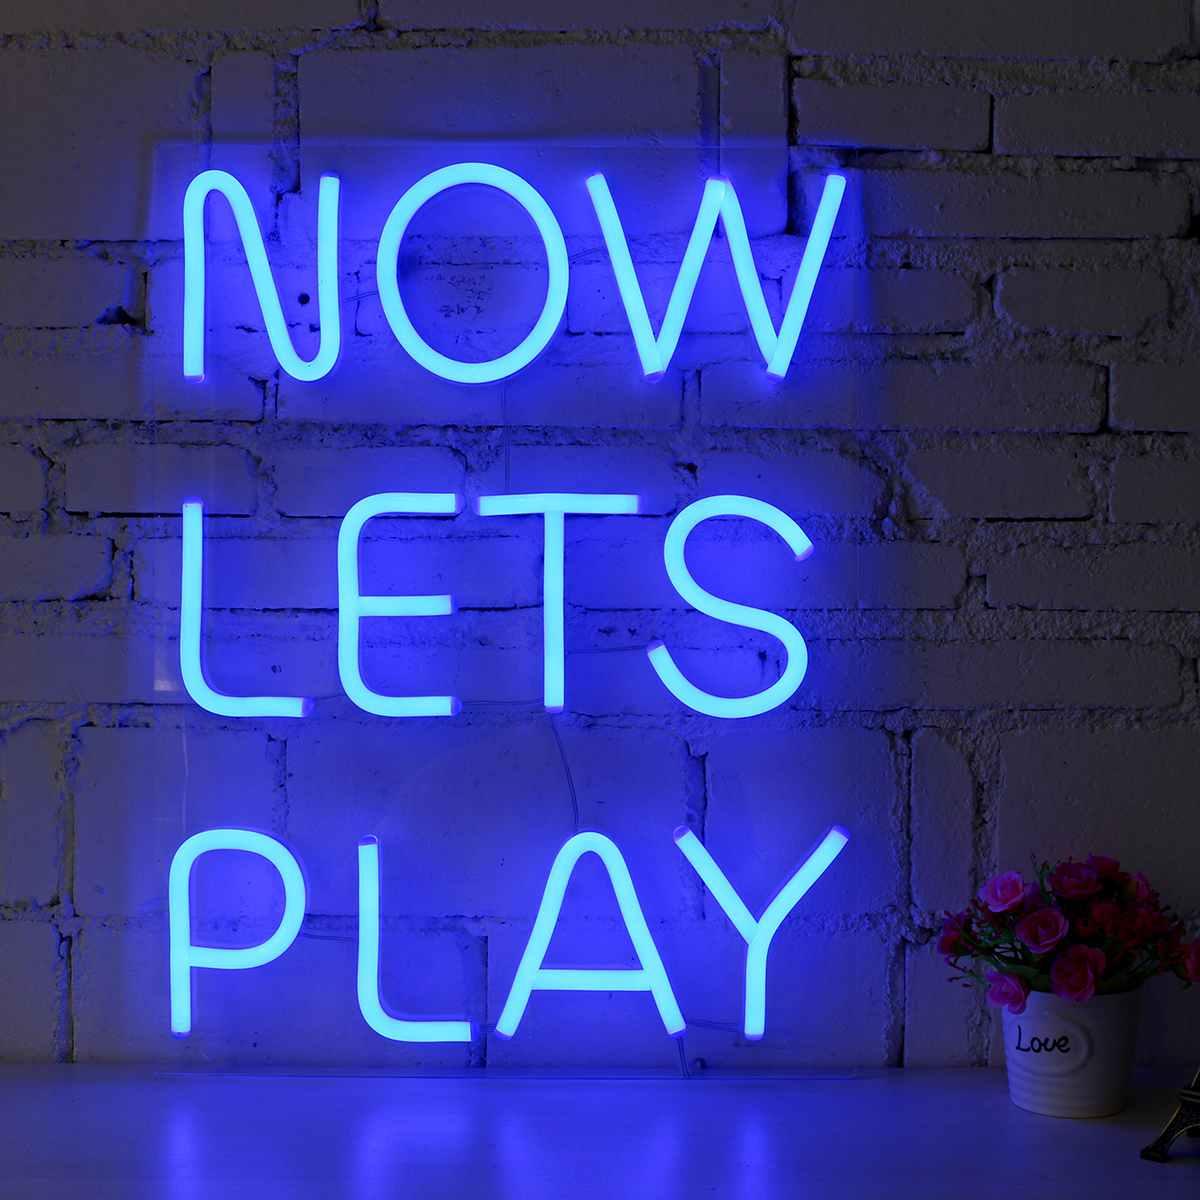 الآن يتيح اللعب LED النيون تسجيل مصباح أنبوبي الفني البصري بار حانة نادي الجدار الشنق بار إضاءة ديكورية للحفلات